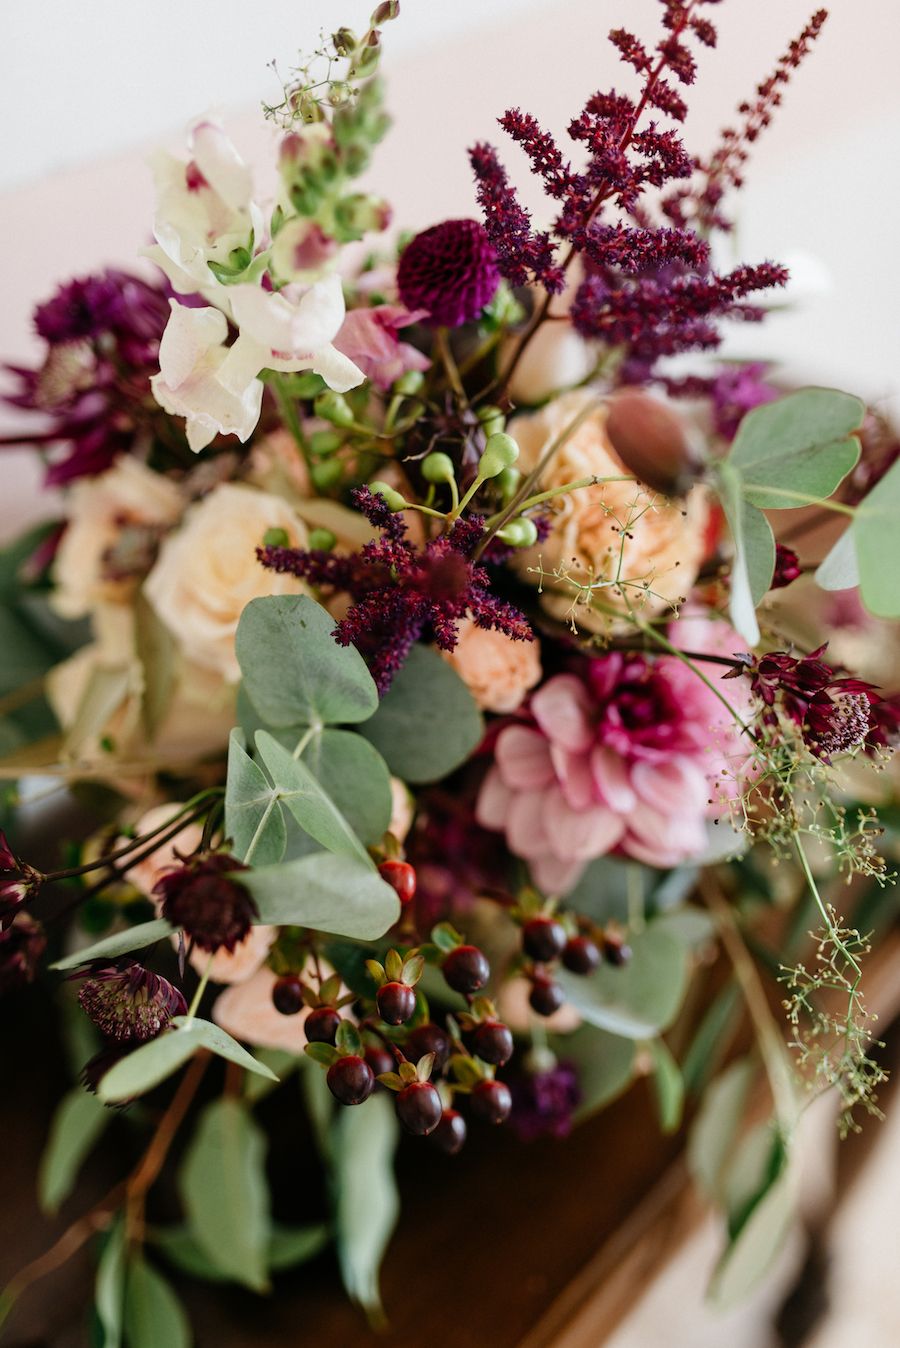 composizione floreale vinaccia e rosa